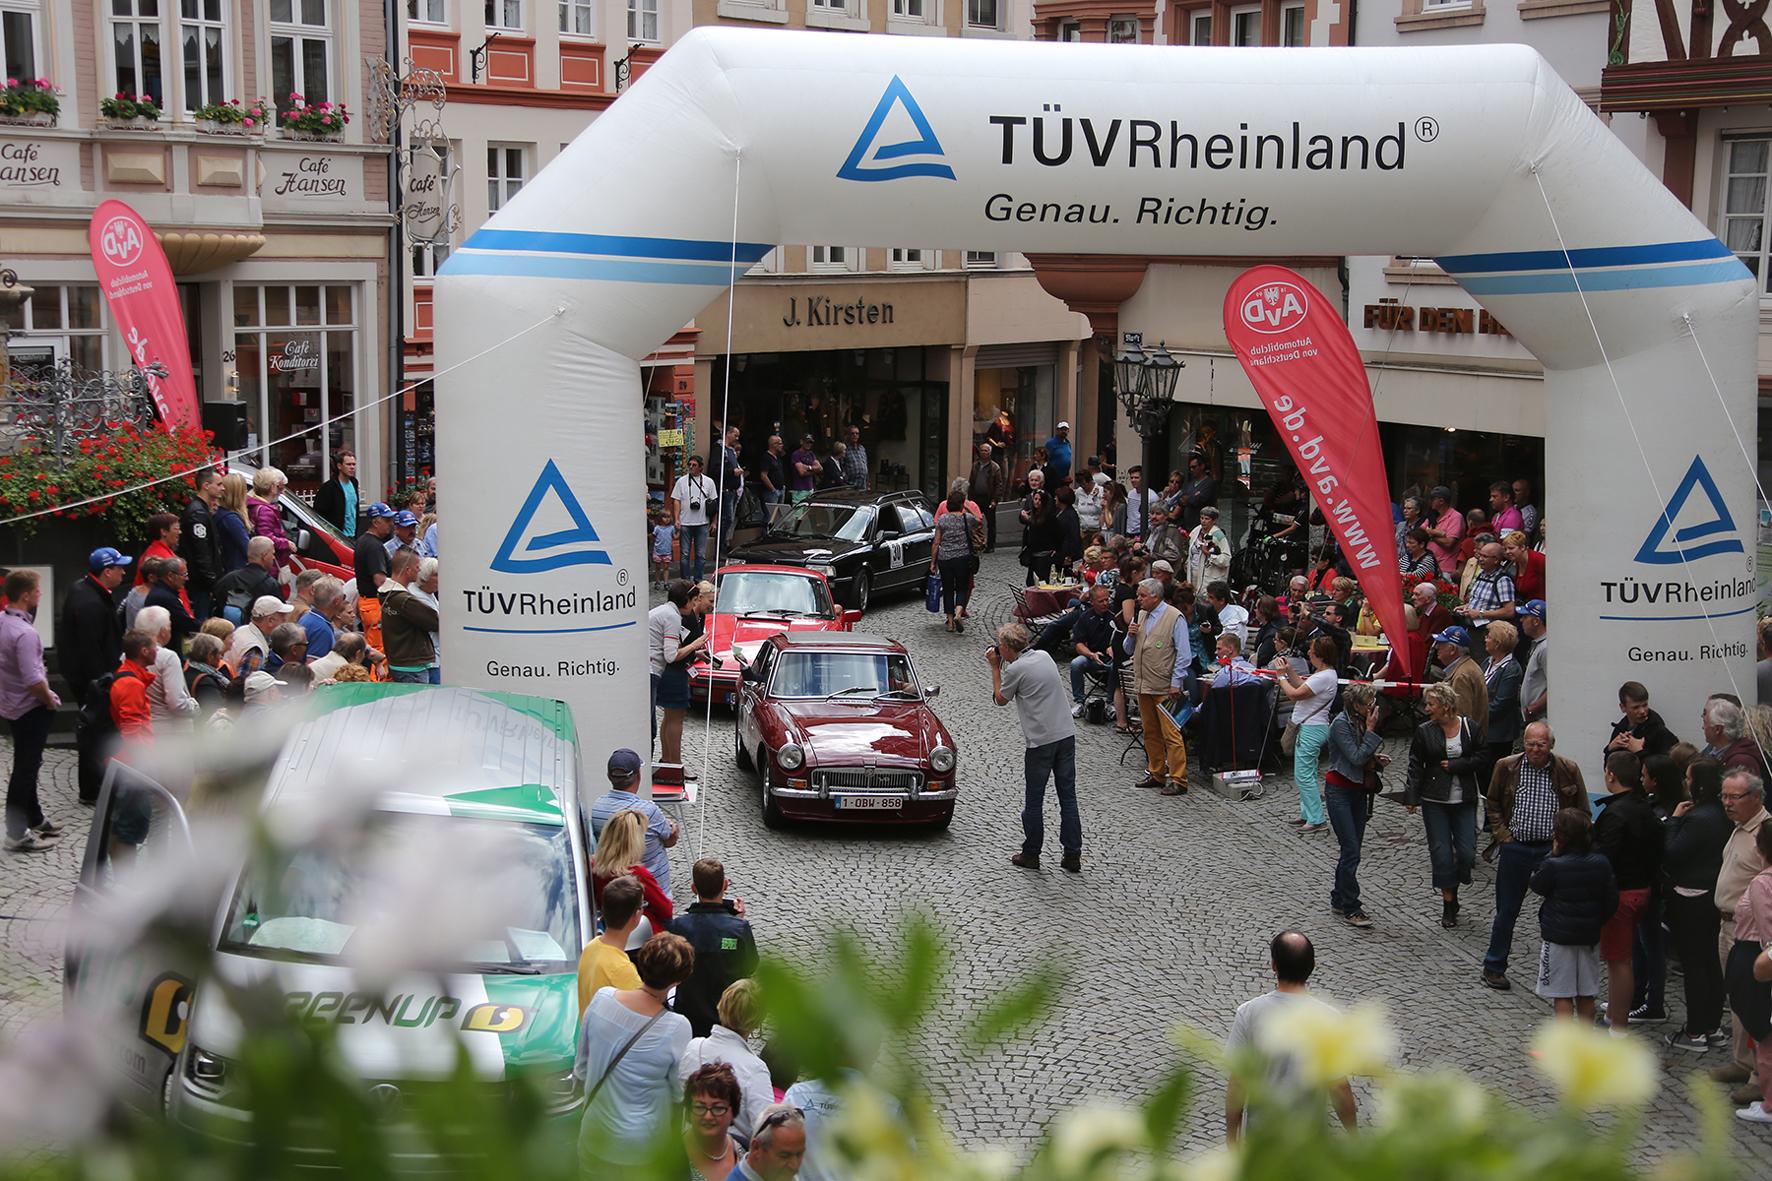 mid Bernkastel-Kues - Mit einer Vielzahl automobiler Pretiosen macht die Helden-Tour einen Zwischenstop auf dem historischen Markplatz des Mosel-Städtchens Bernkastel-Kues.